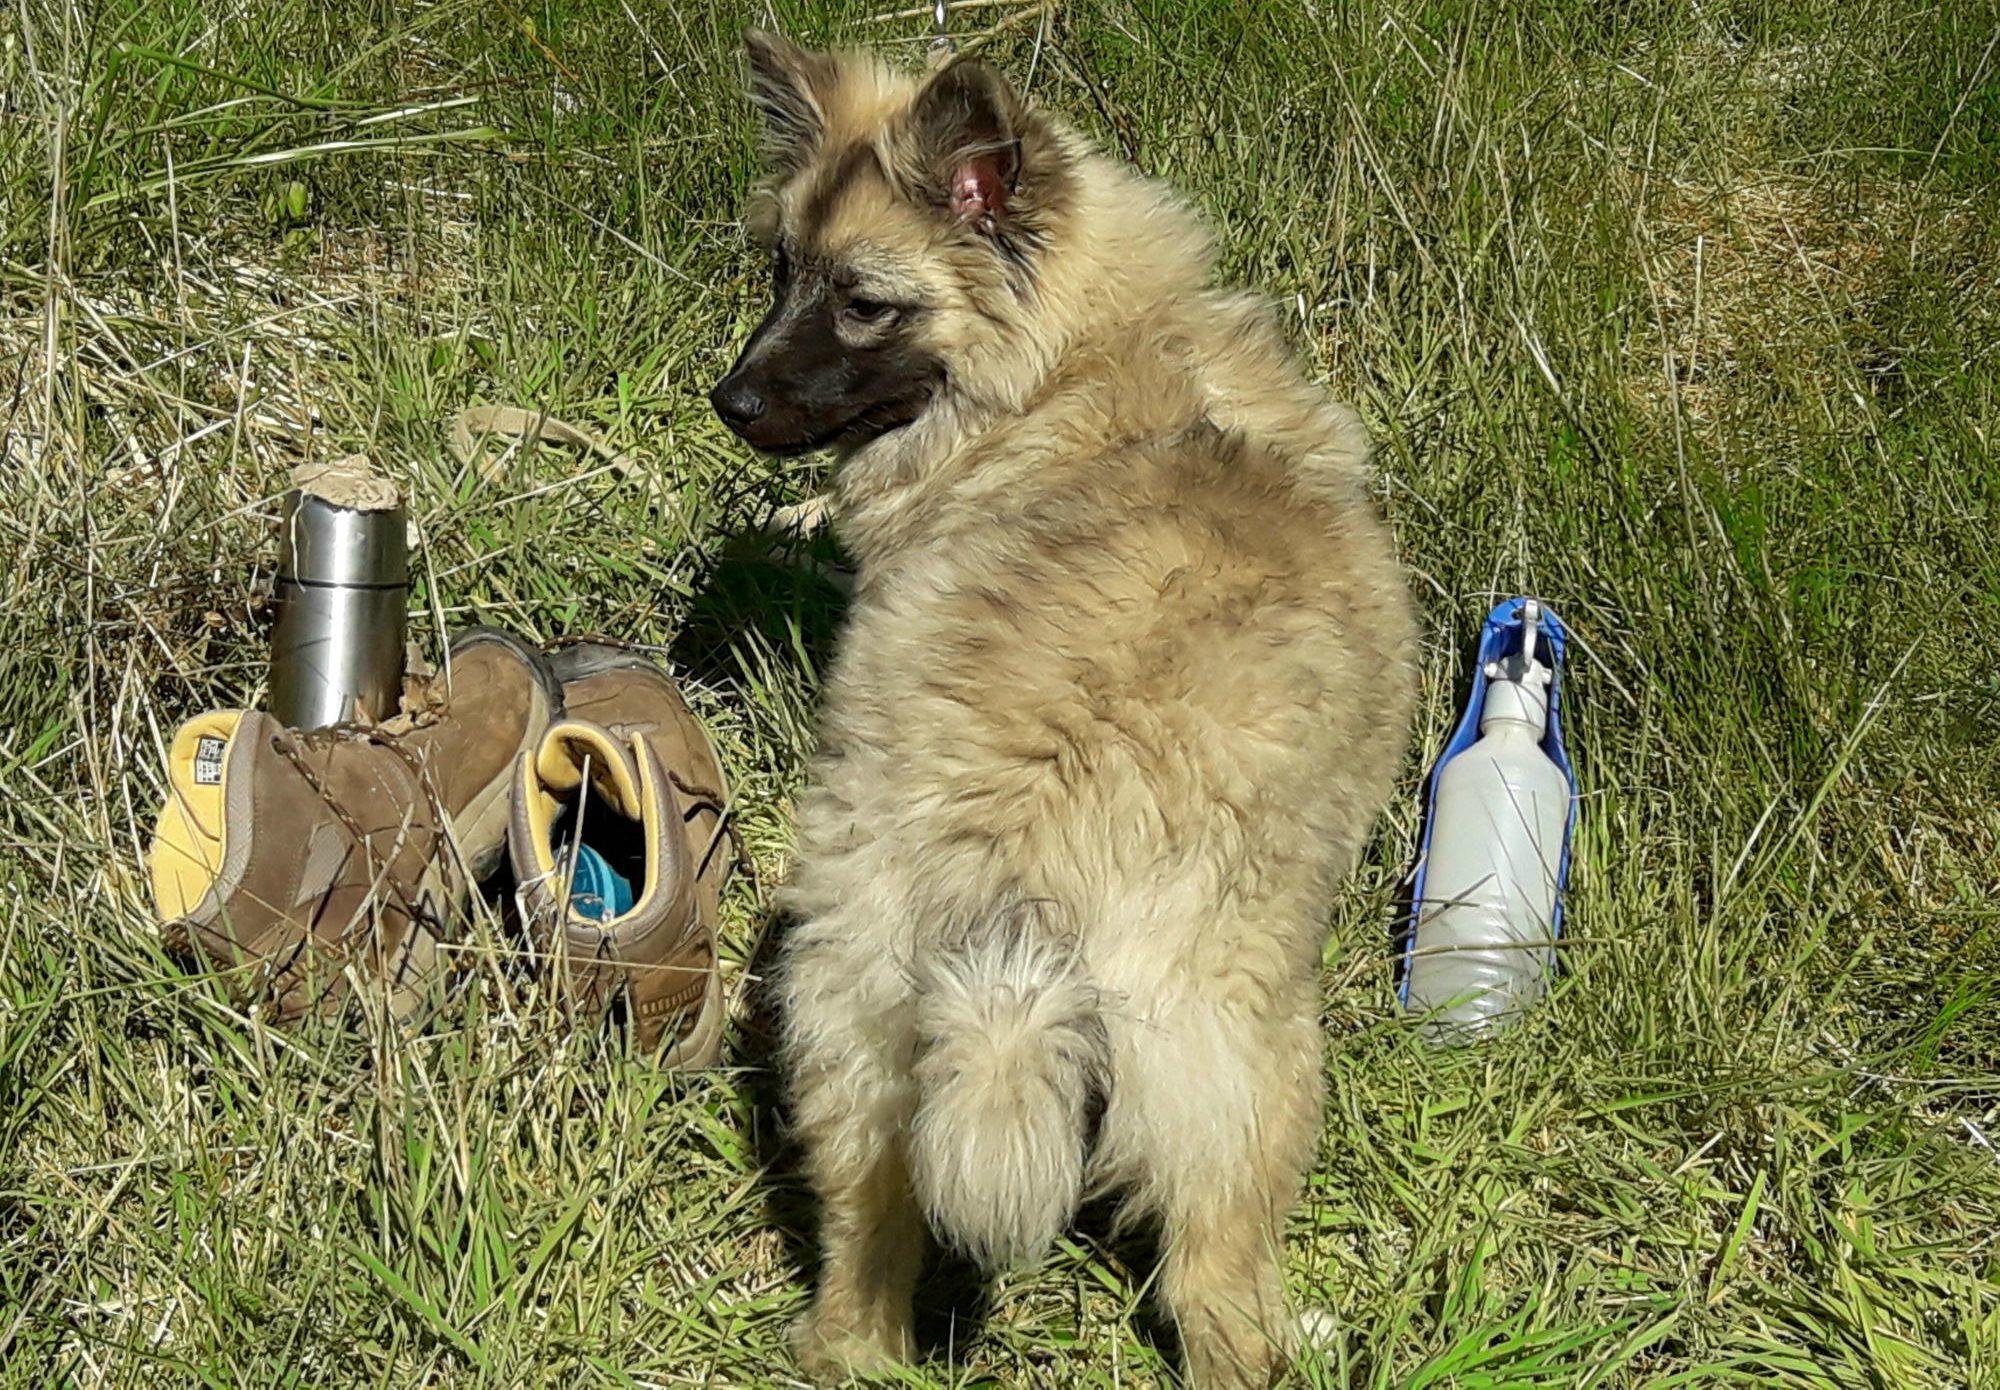 Geführte Hundewanderungen, Spaziergänge mit Hunden, Social-Walks...